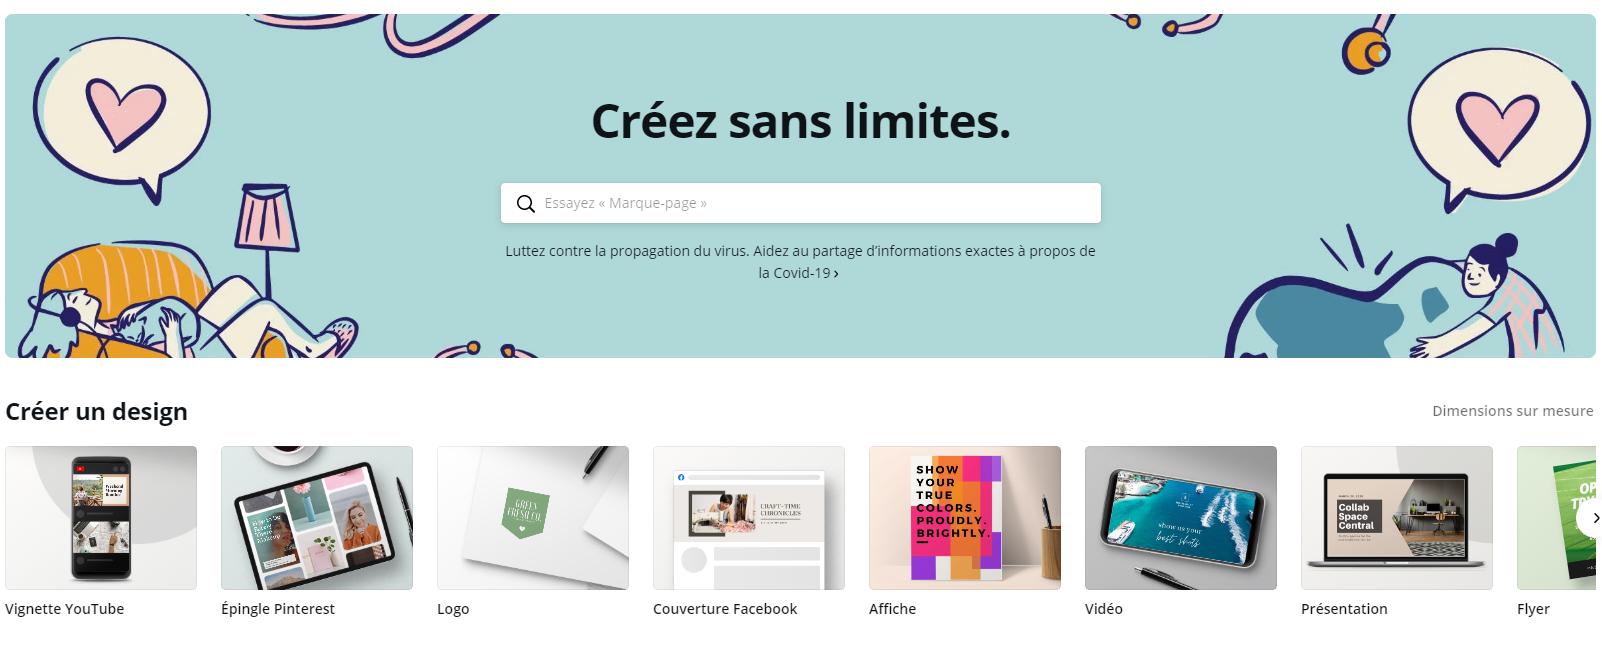 Canva - outil gratuit de conception d'images pour  les réseaux sociaux